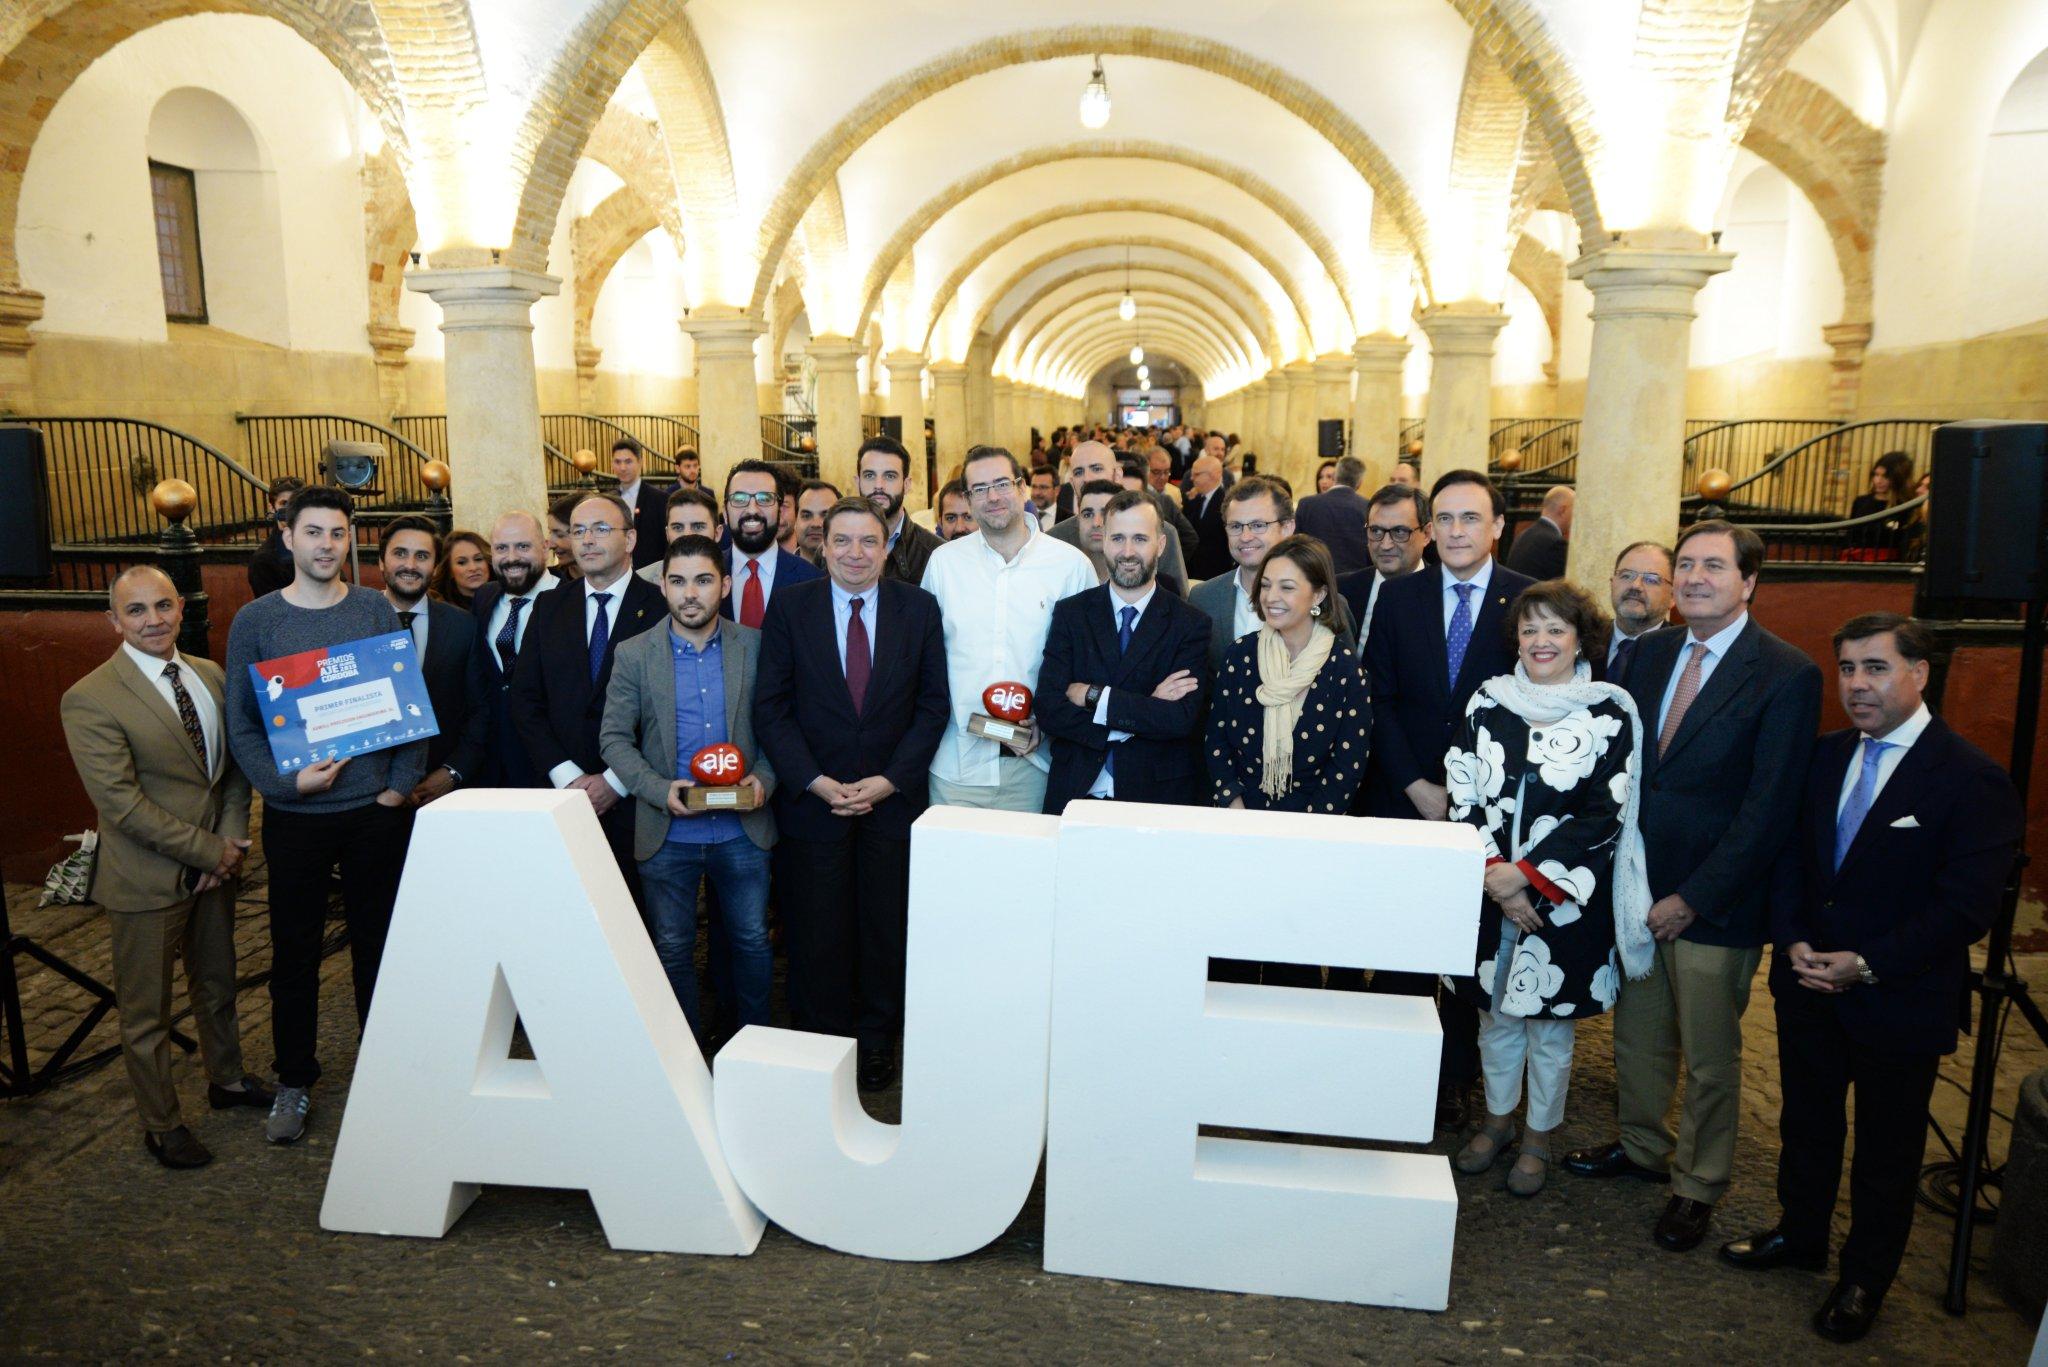 Premios AJE Córdoba